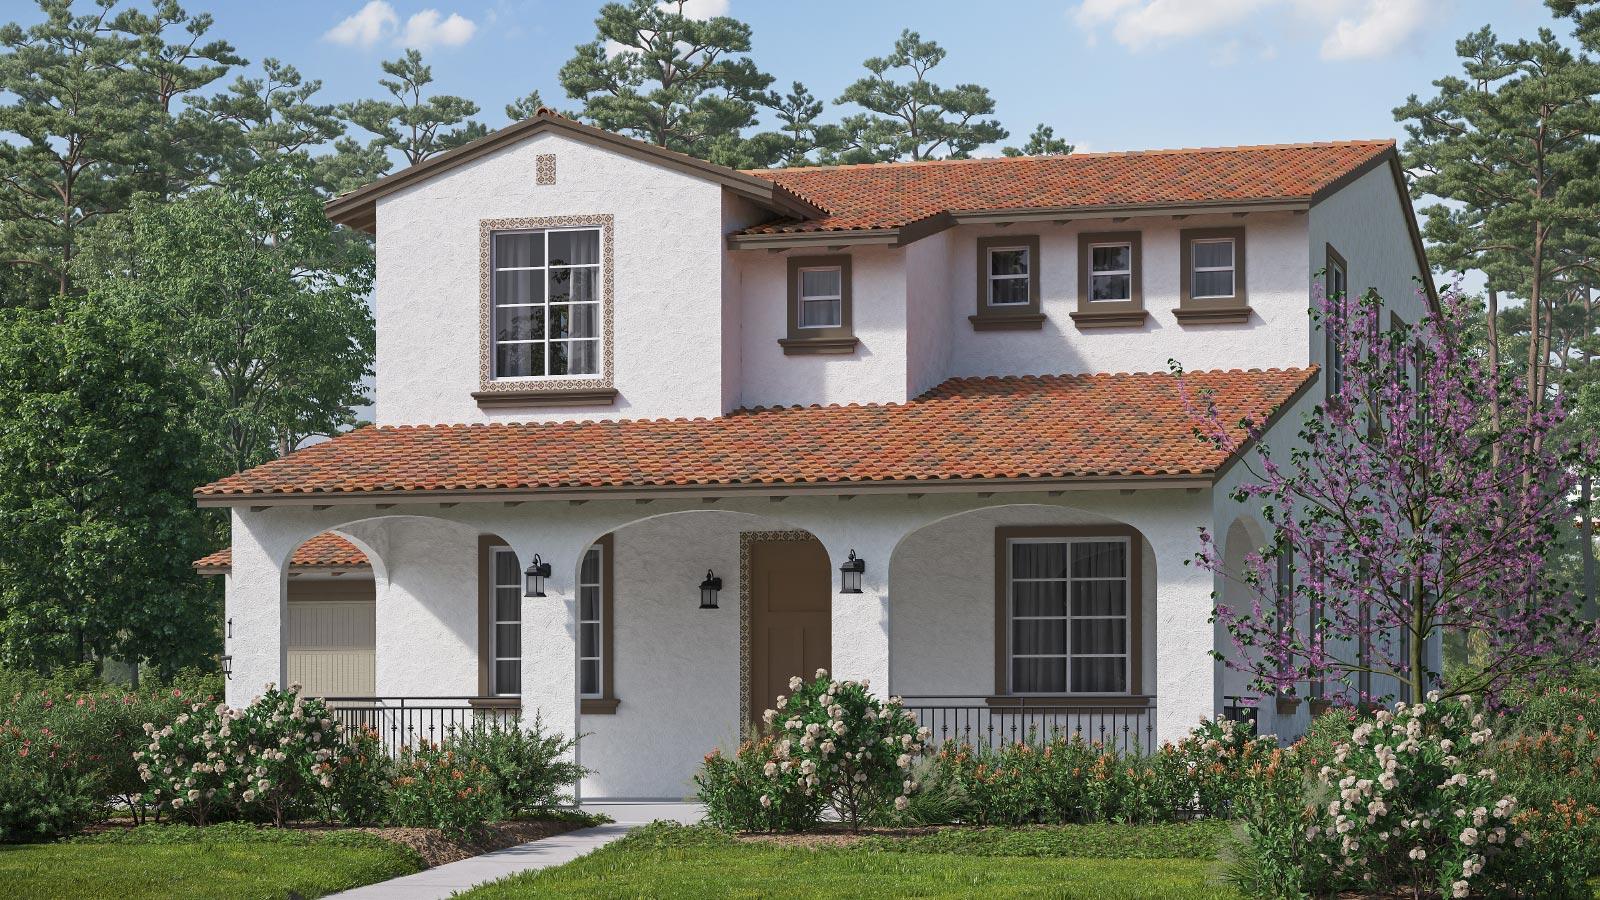 Residence 2A - Preliminary